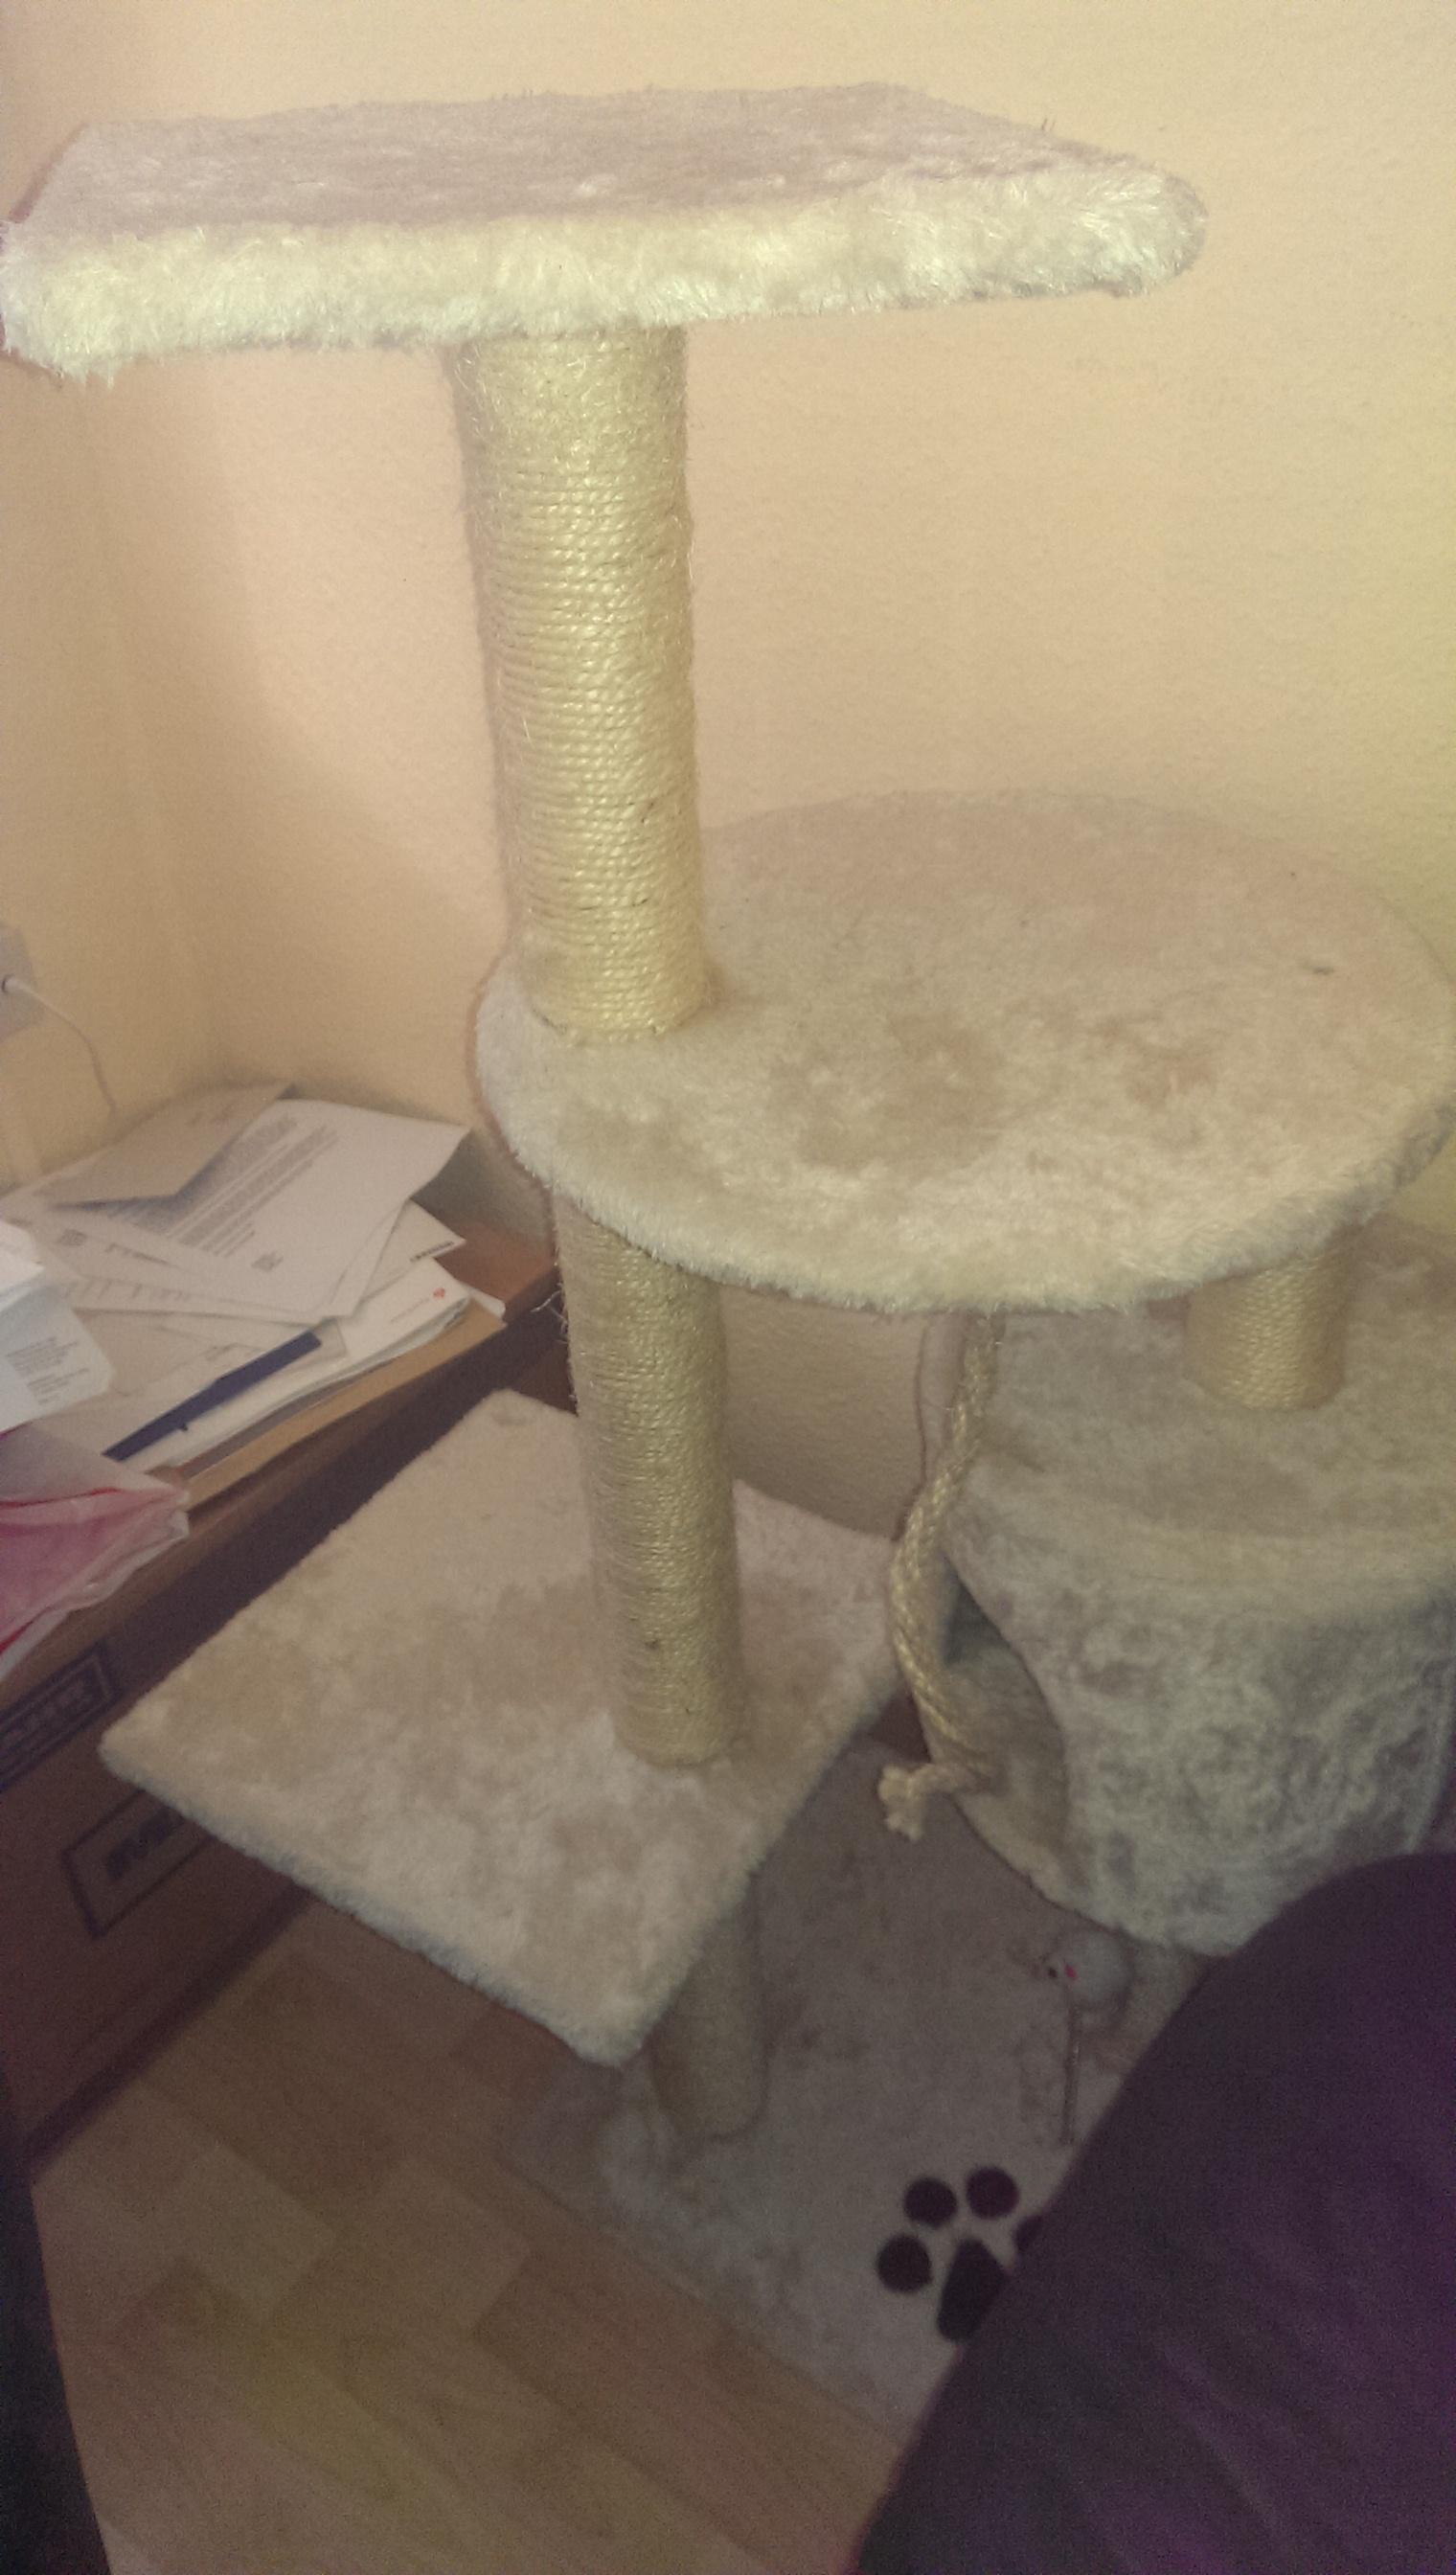 wie kann ich g nstig und selbst einen catwalk bauen katzen. Black Bedroom Furniture Sets. Home Design Ideas